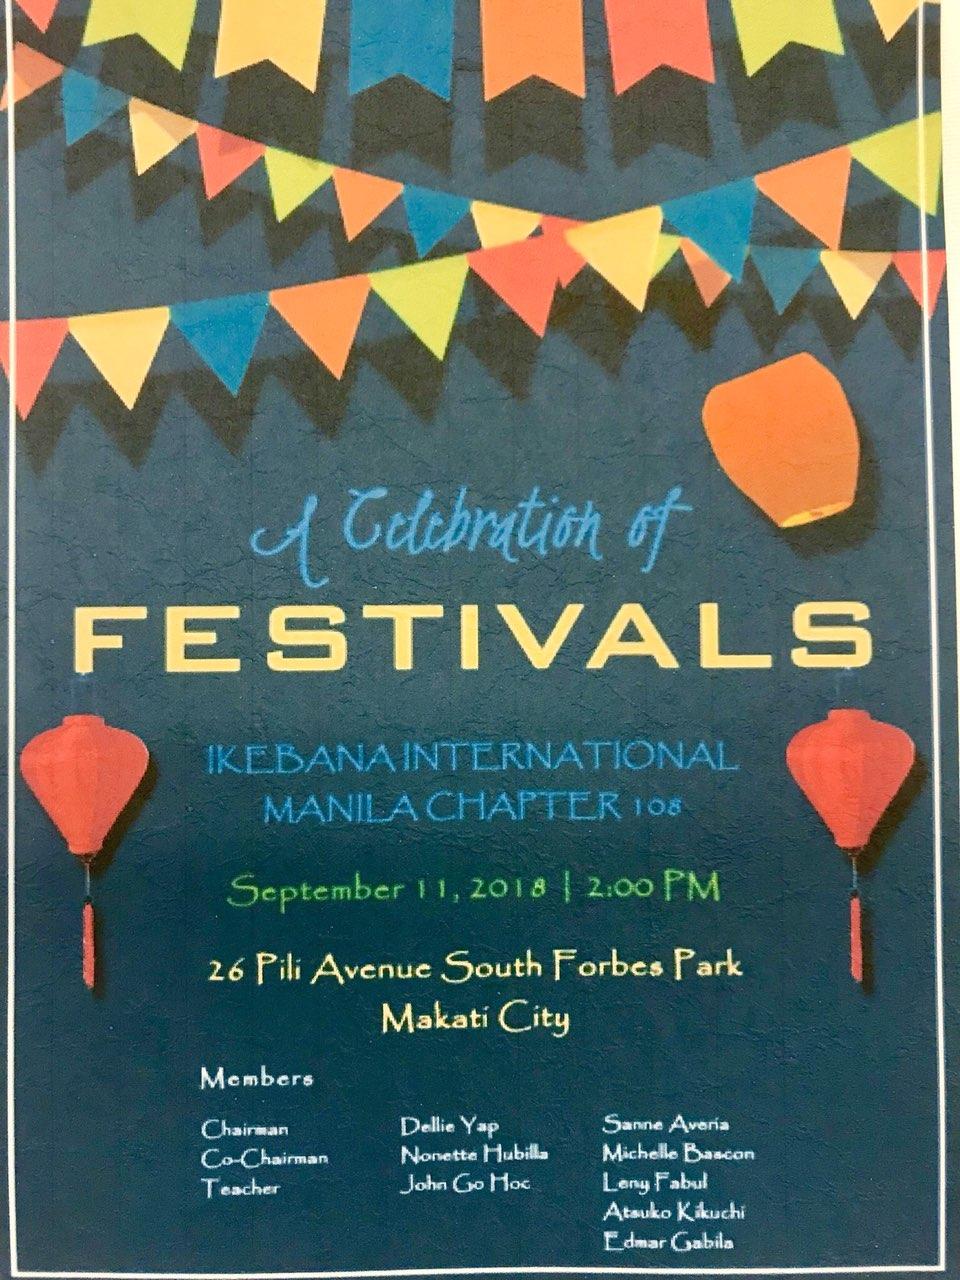 festivals invite.jpg